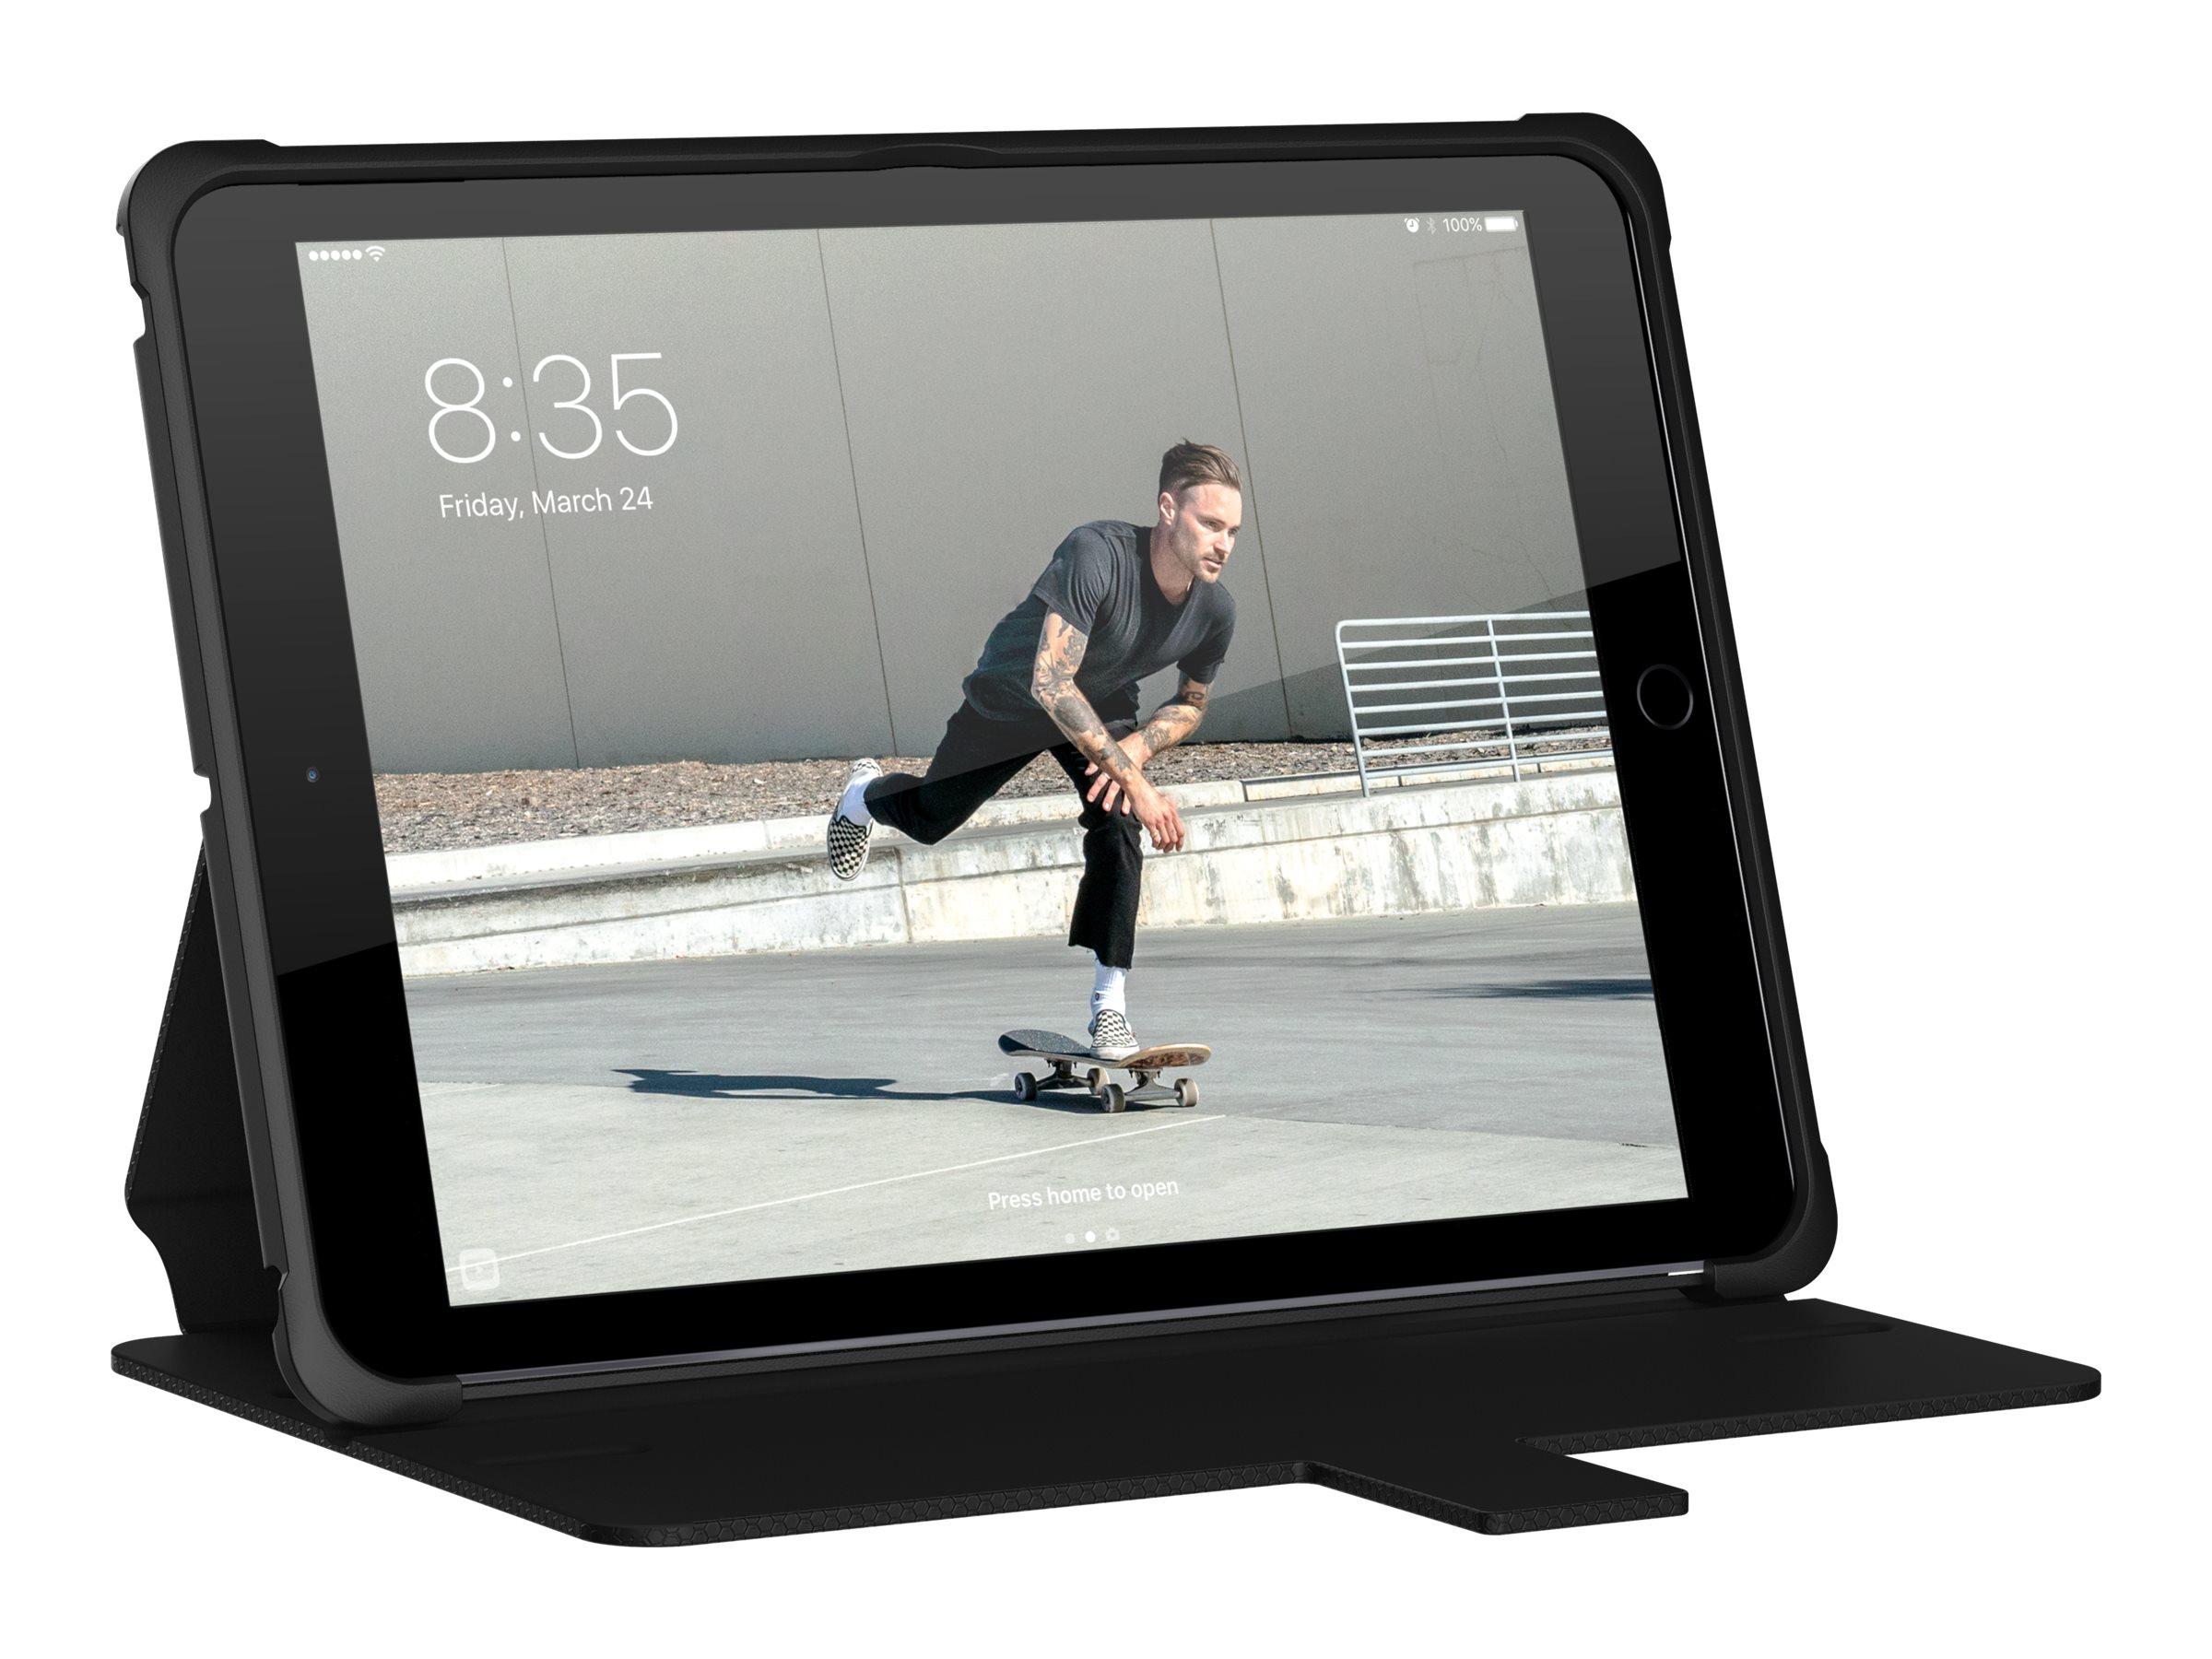 UAG Metropolis - Flip-Hülle für Tablet - widerstandsfähig - Schwarz - für Apple 9.7-inch iPad (5. Generation)